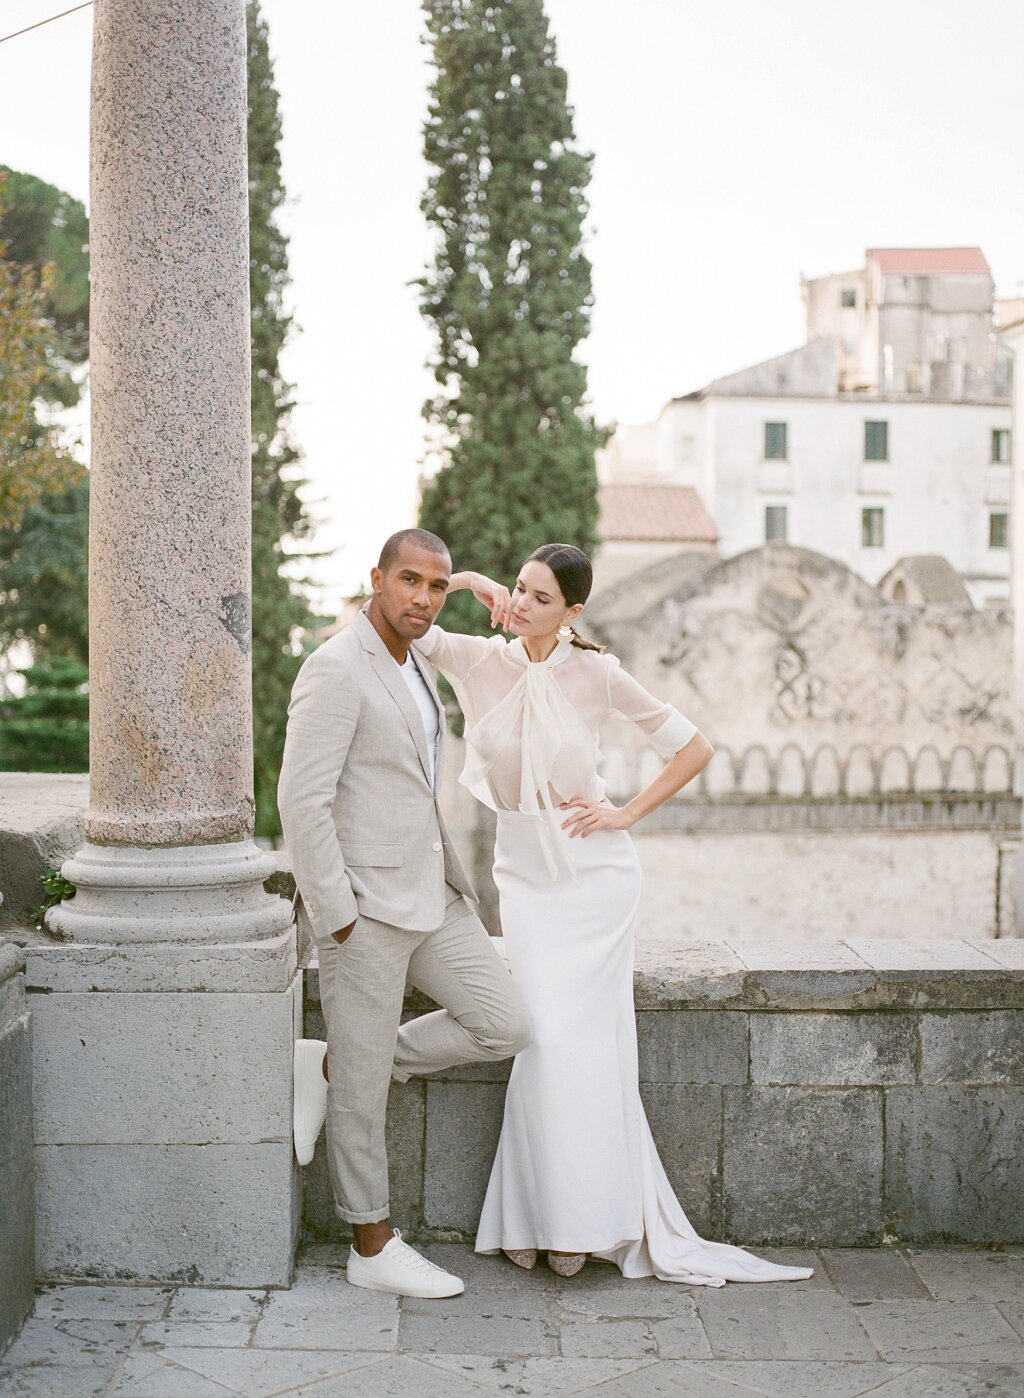 Fashion-engagement-shoot-Ravello-Italy-Amalfi Coast_Tanja Kibogo (4).JPG